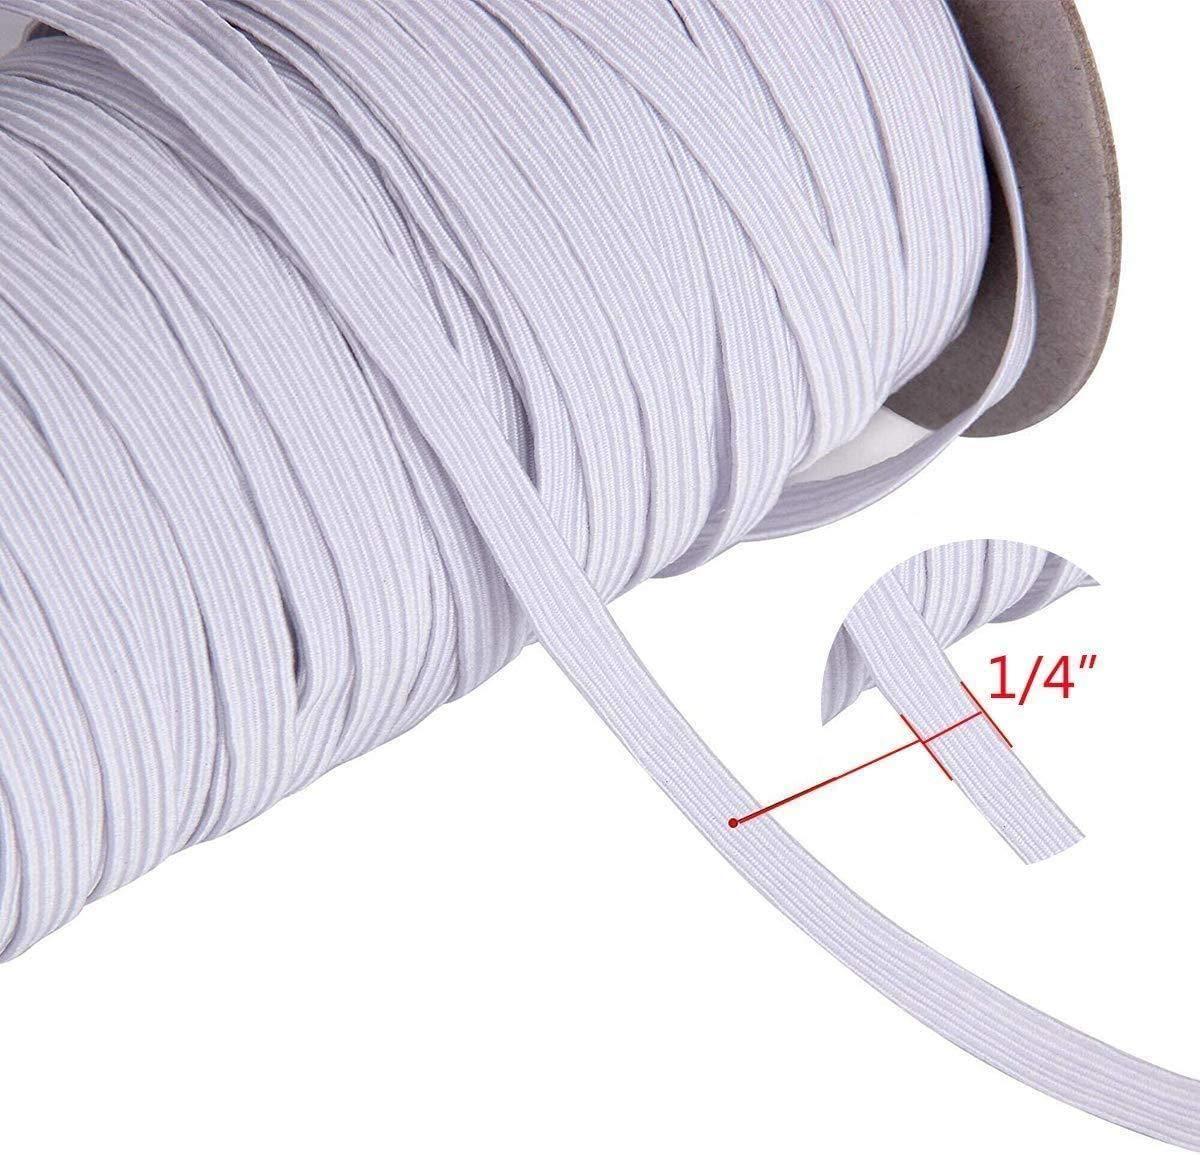 High Quality White Braided Elastic Cord Elastic Band 100 Yard Colapa Home In 2020 Elastic Band 100 Yards Elastic